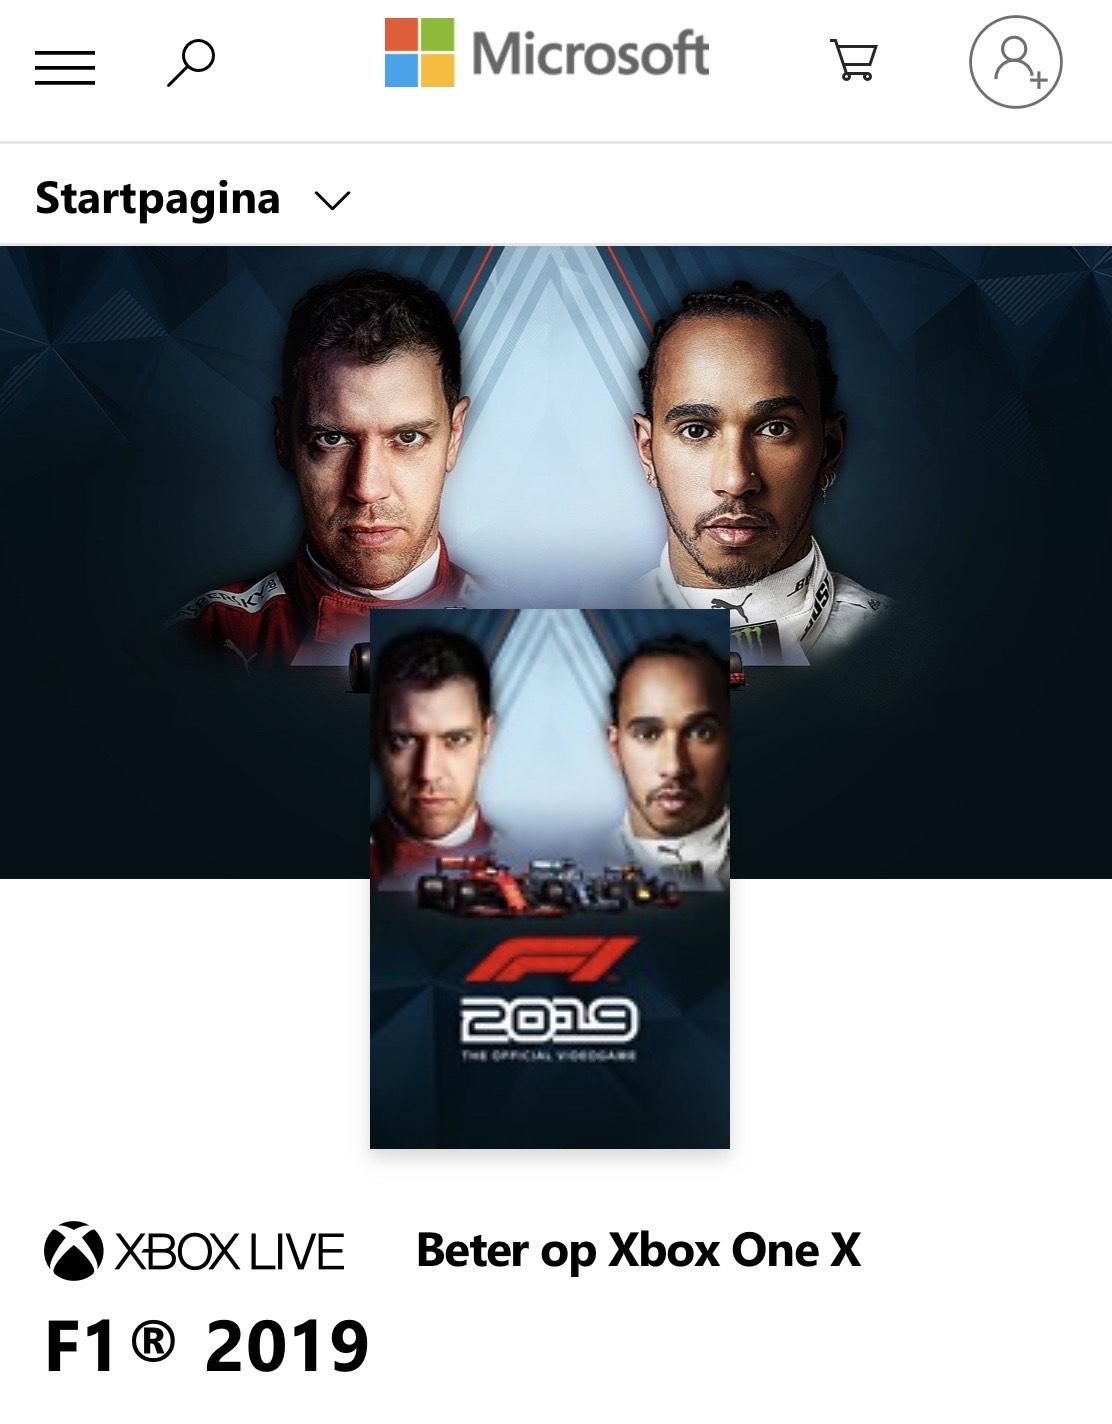 F1 2019 voor xbox en playstation 30 dagen gratis te spelen - vanaf zondag 22 maart!!!